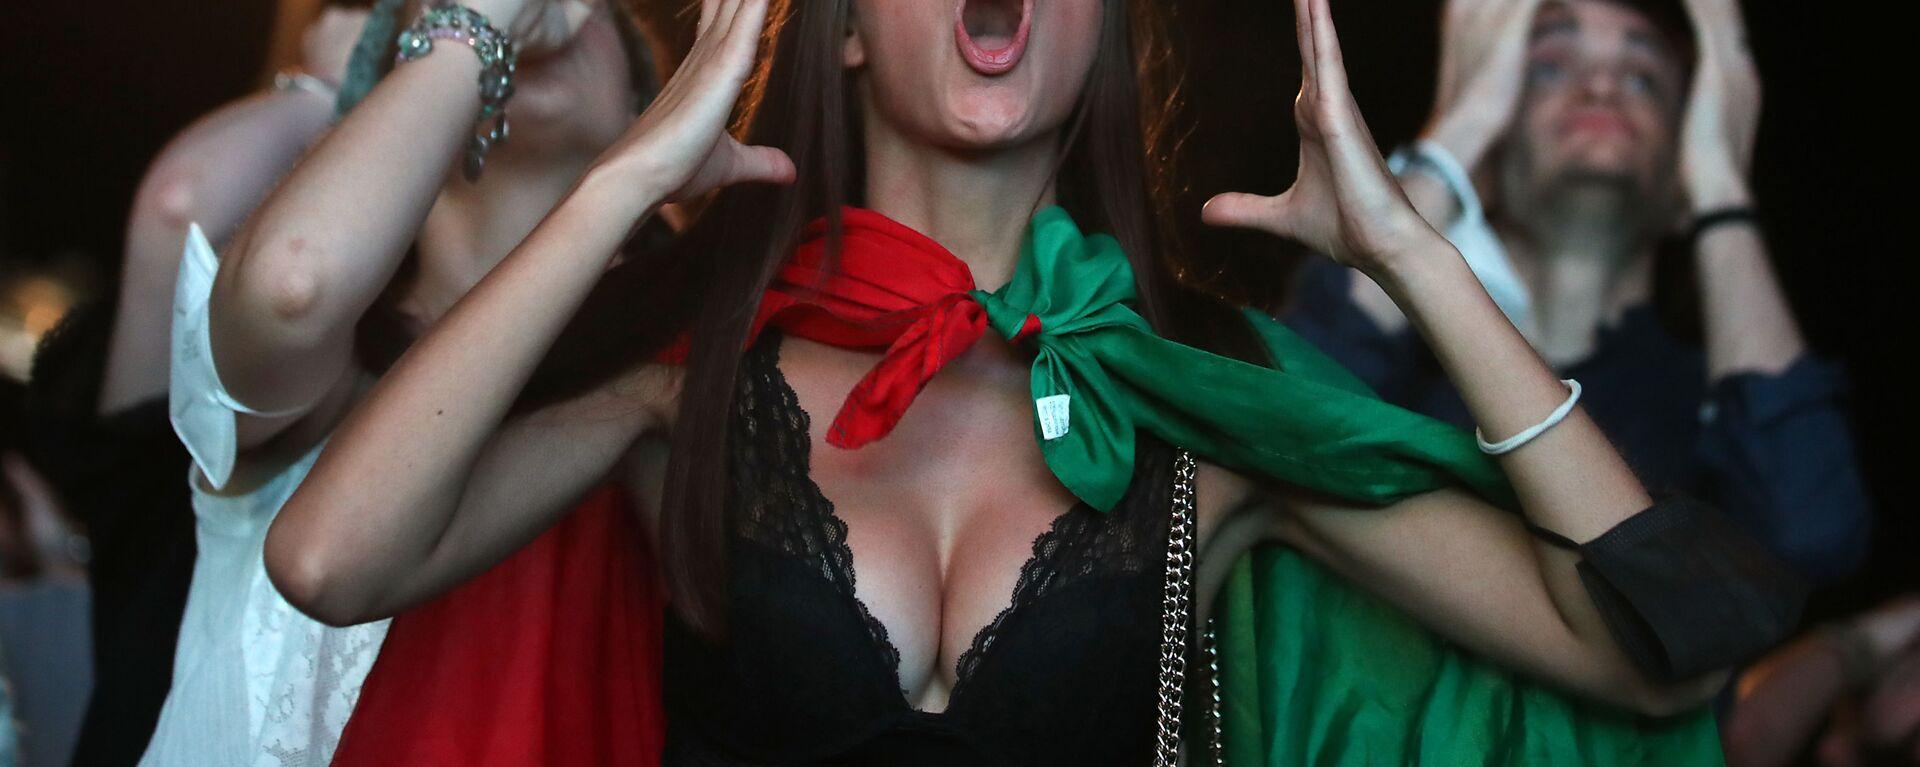 Итальянская болельщица во время просмотра финала Евро-2020 - Sputnik Česká republika, 1920, 12.07.2021